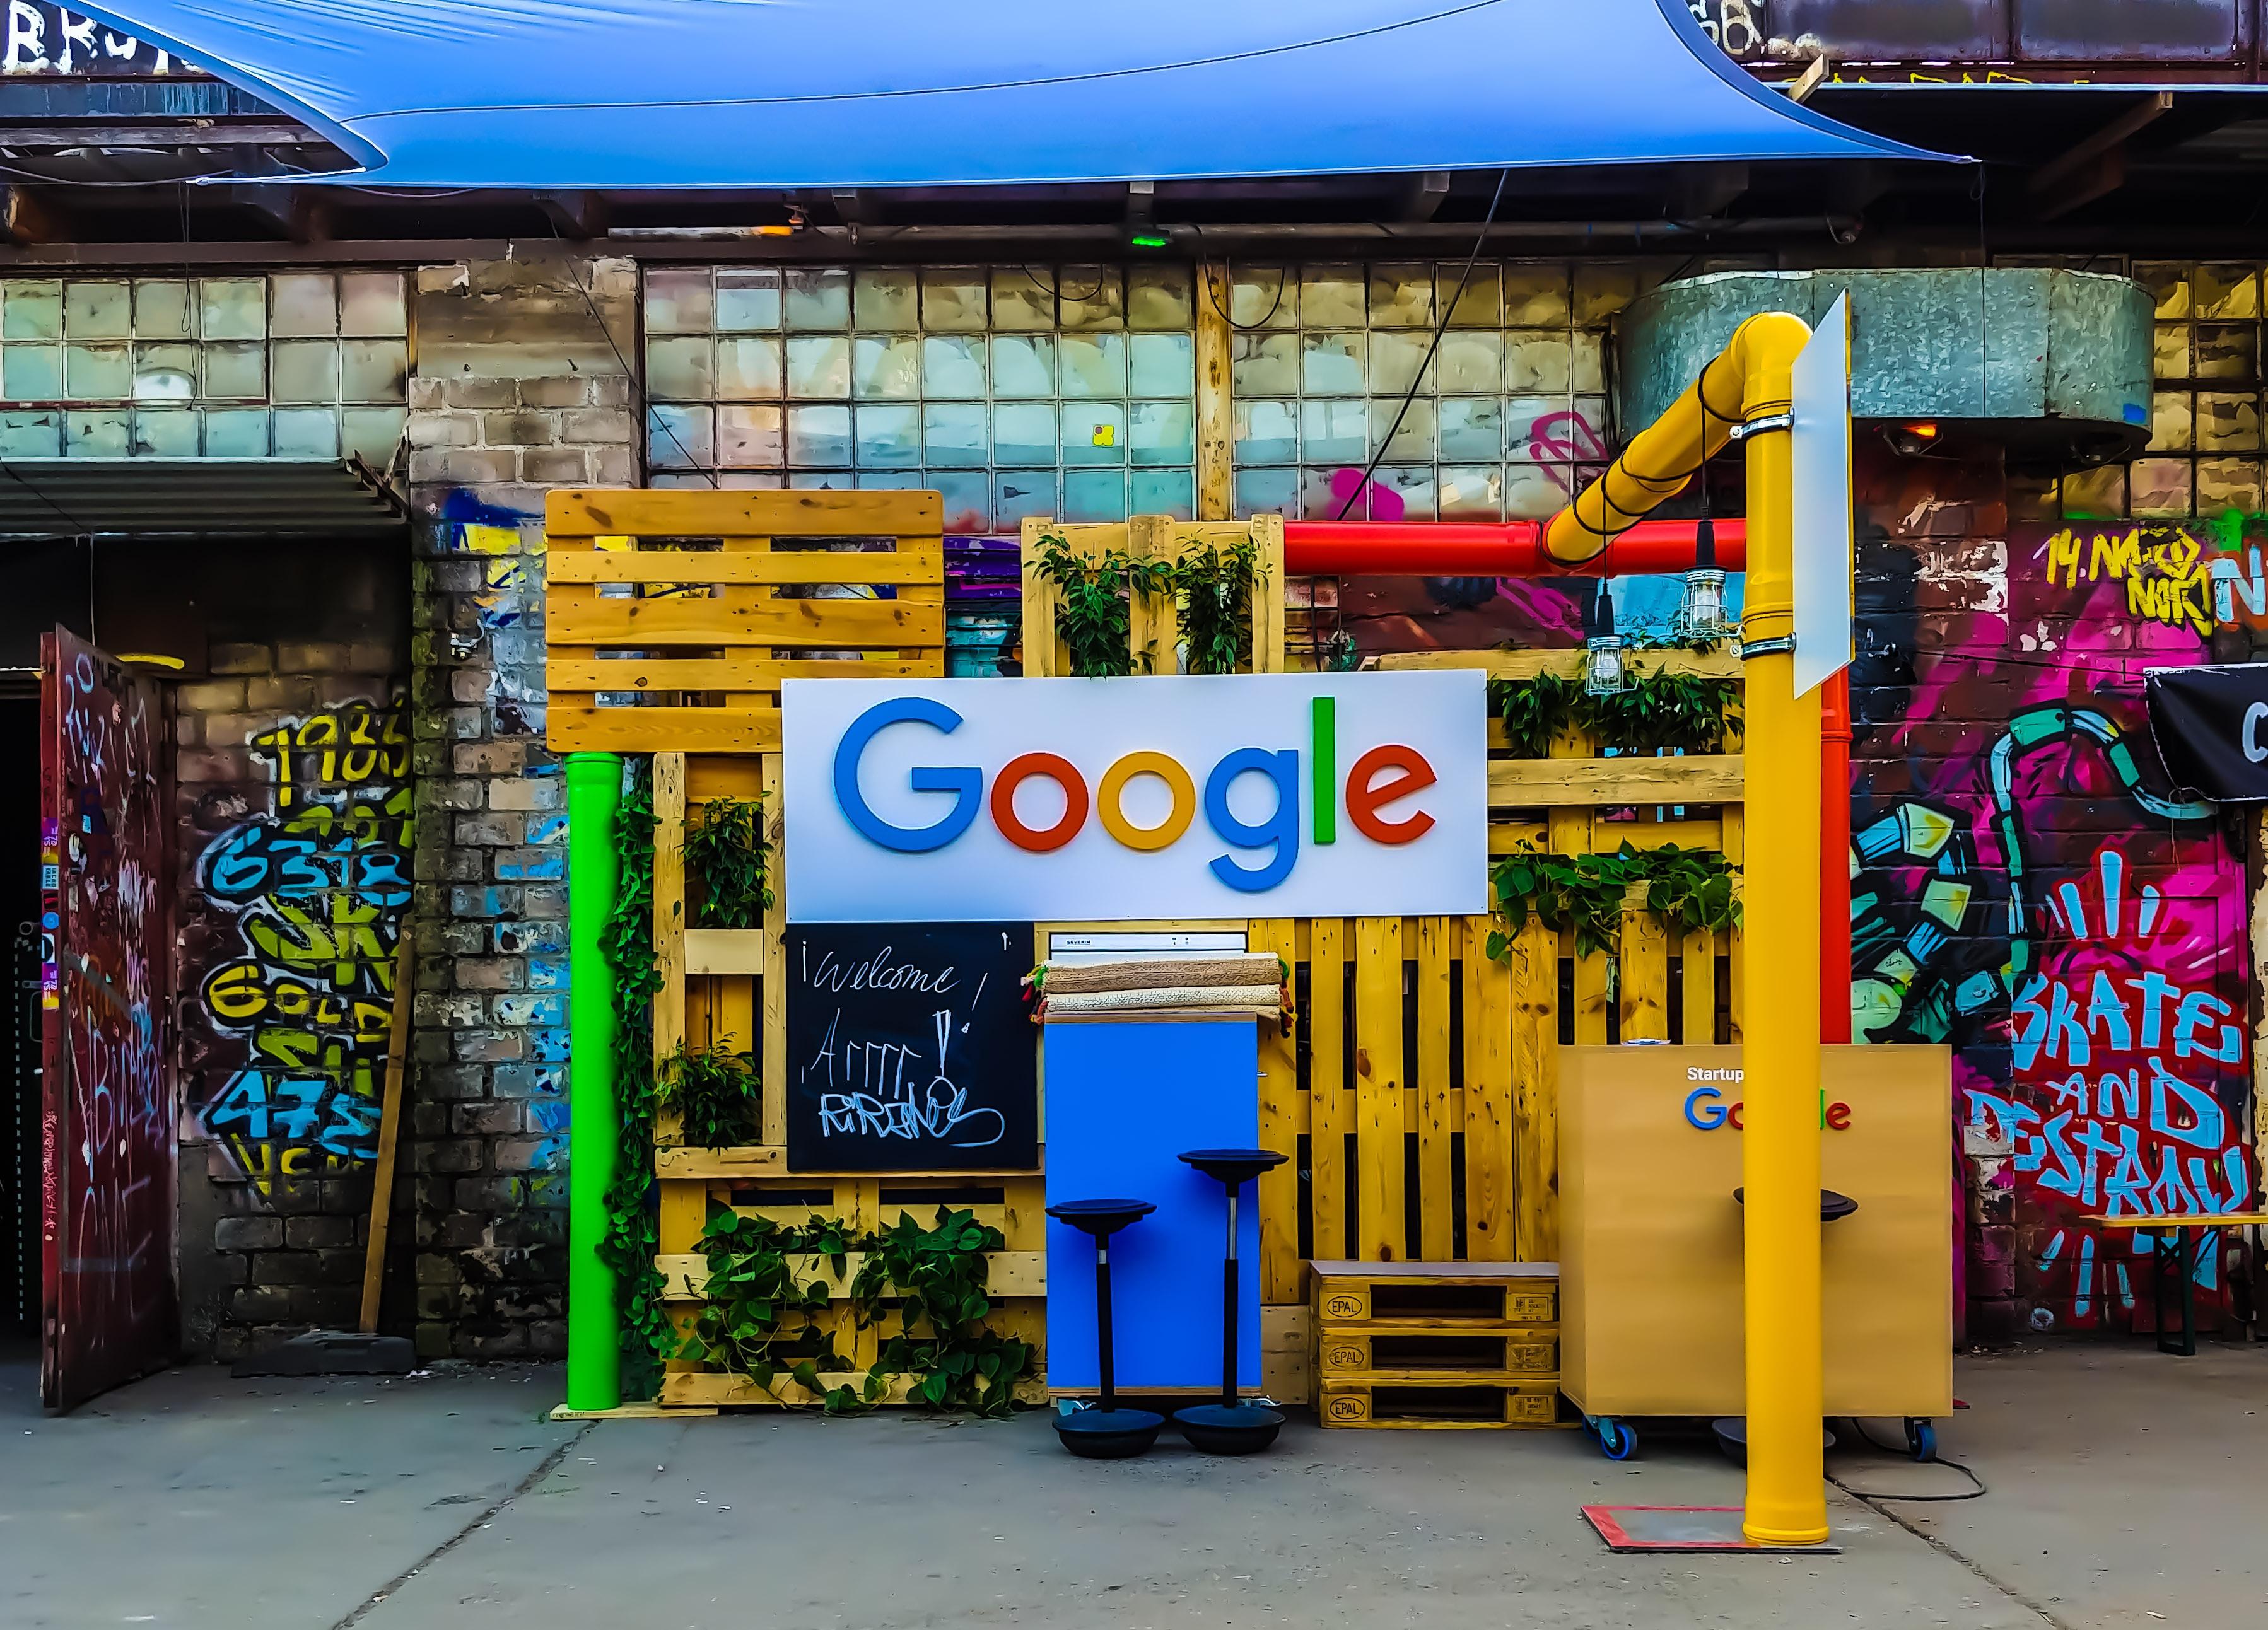 Google Akhirnya Mau Bayar Konten Media Online, Tapi Baru Prancis